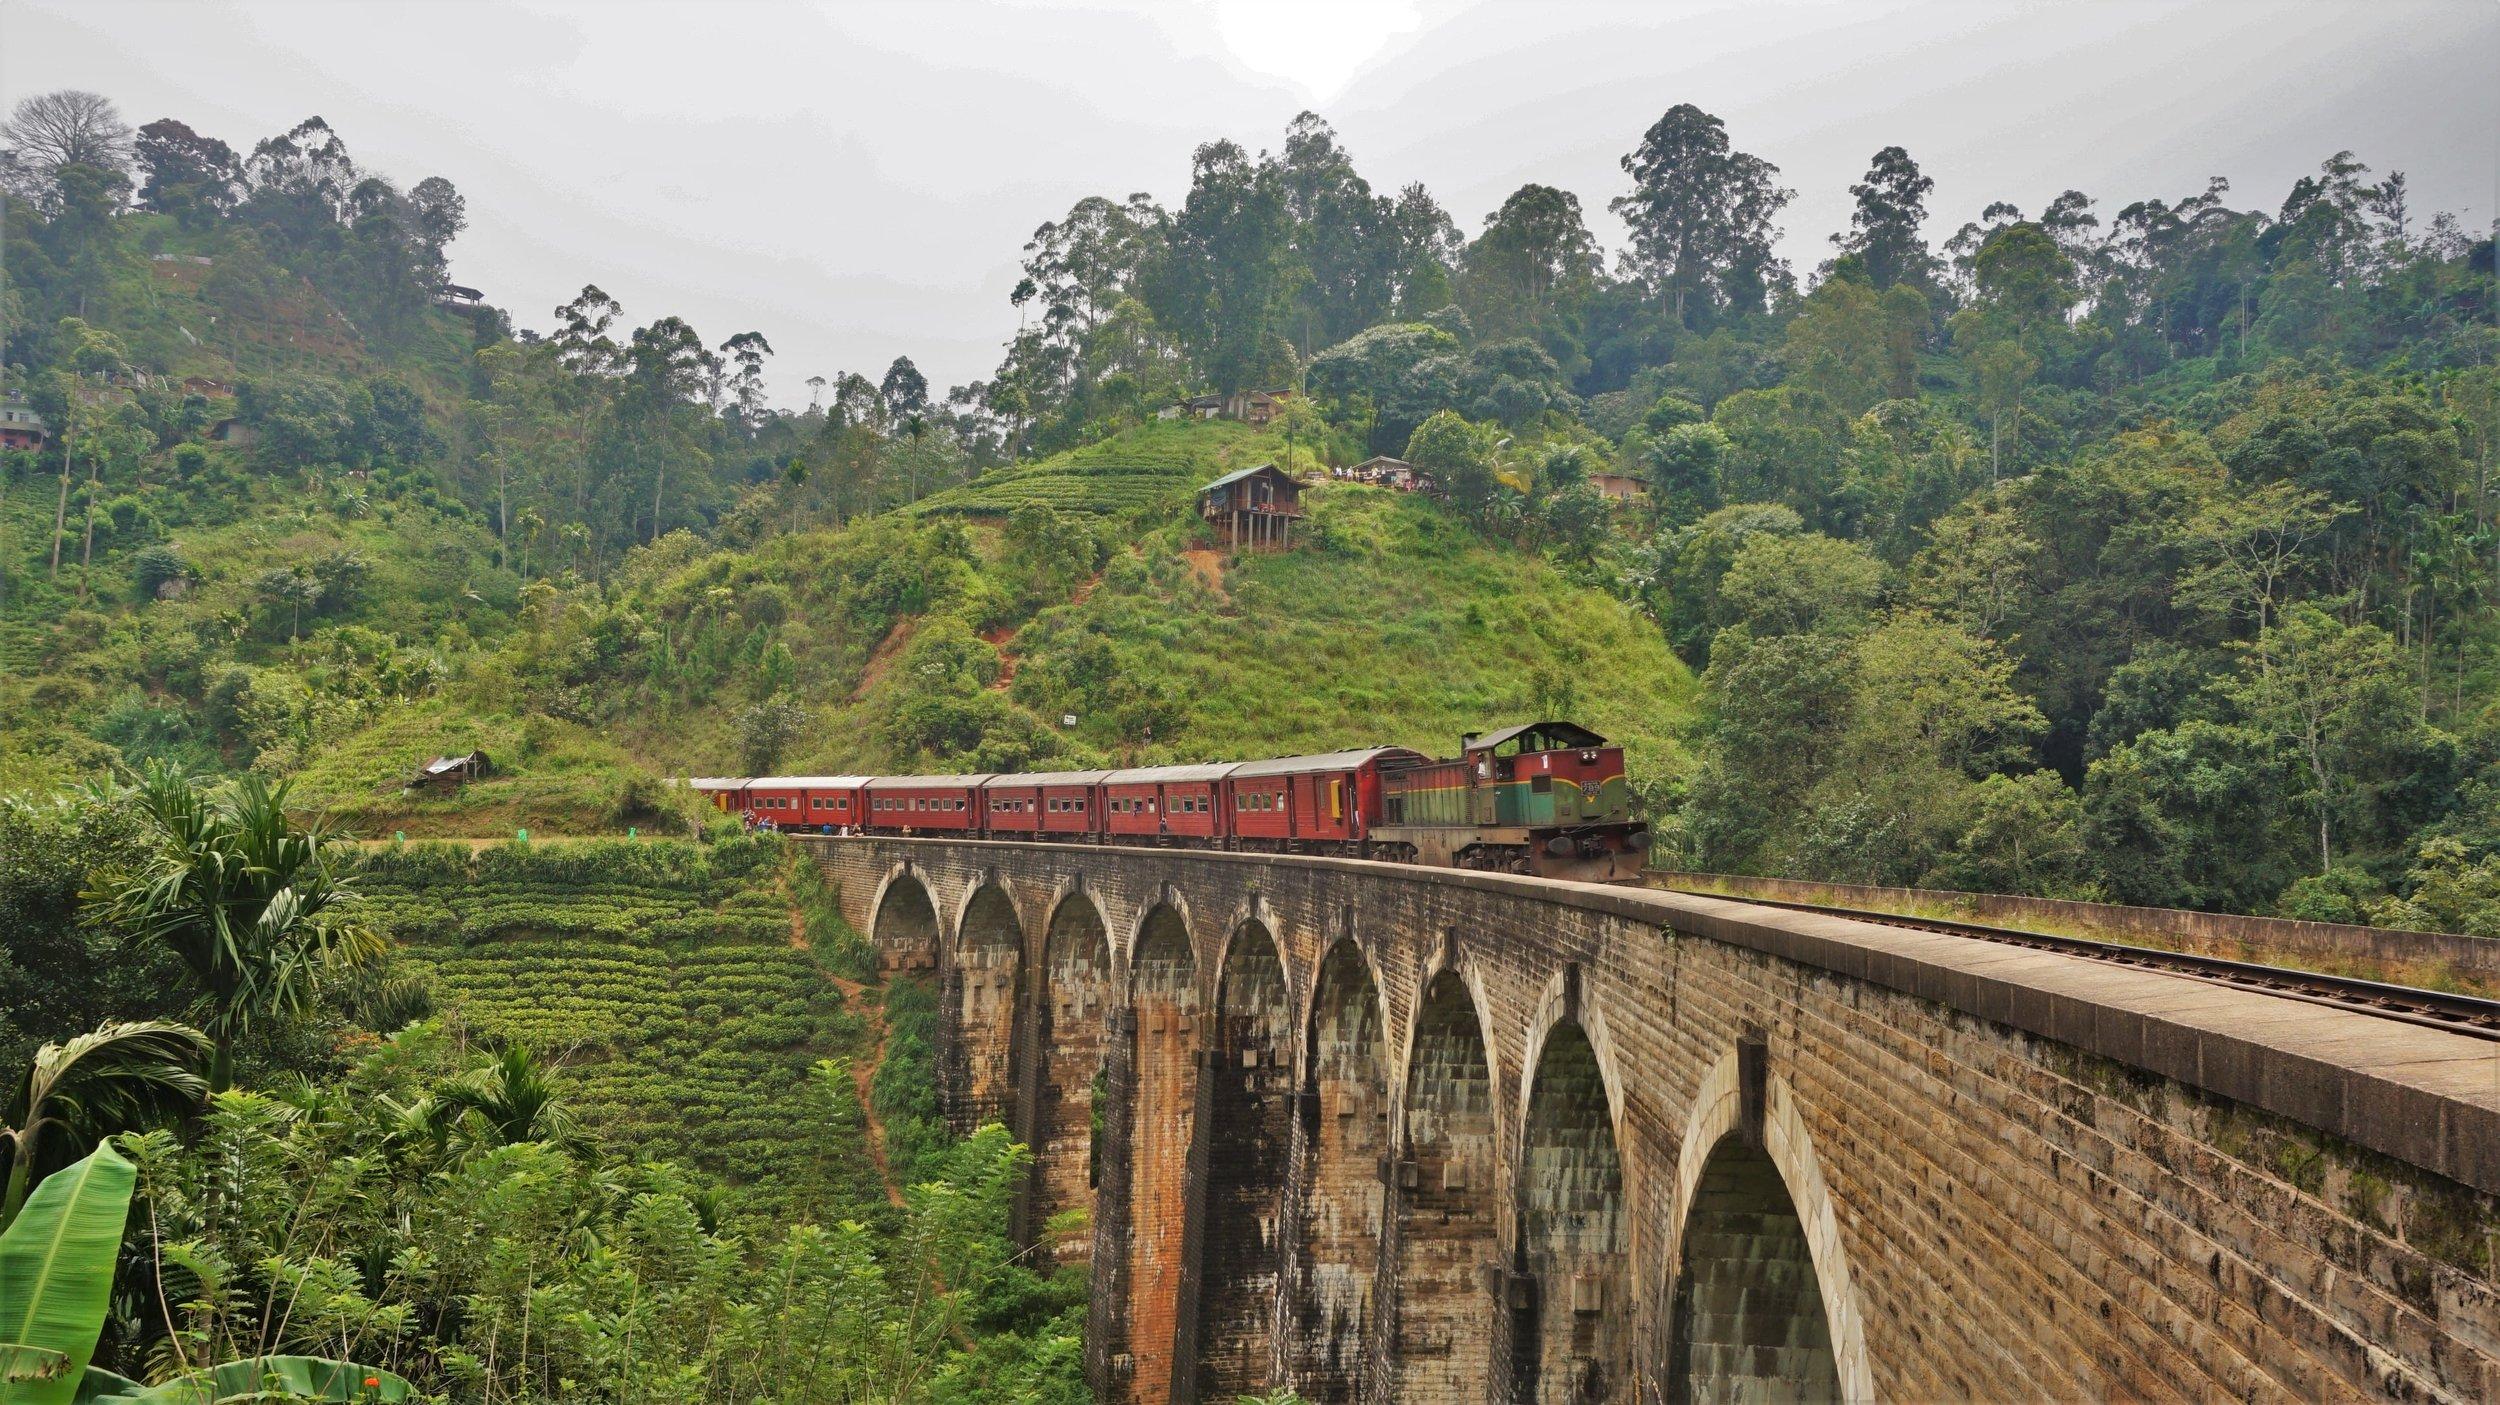 train coming over the nine arch bridge in ella, sri lanka